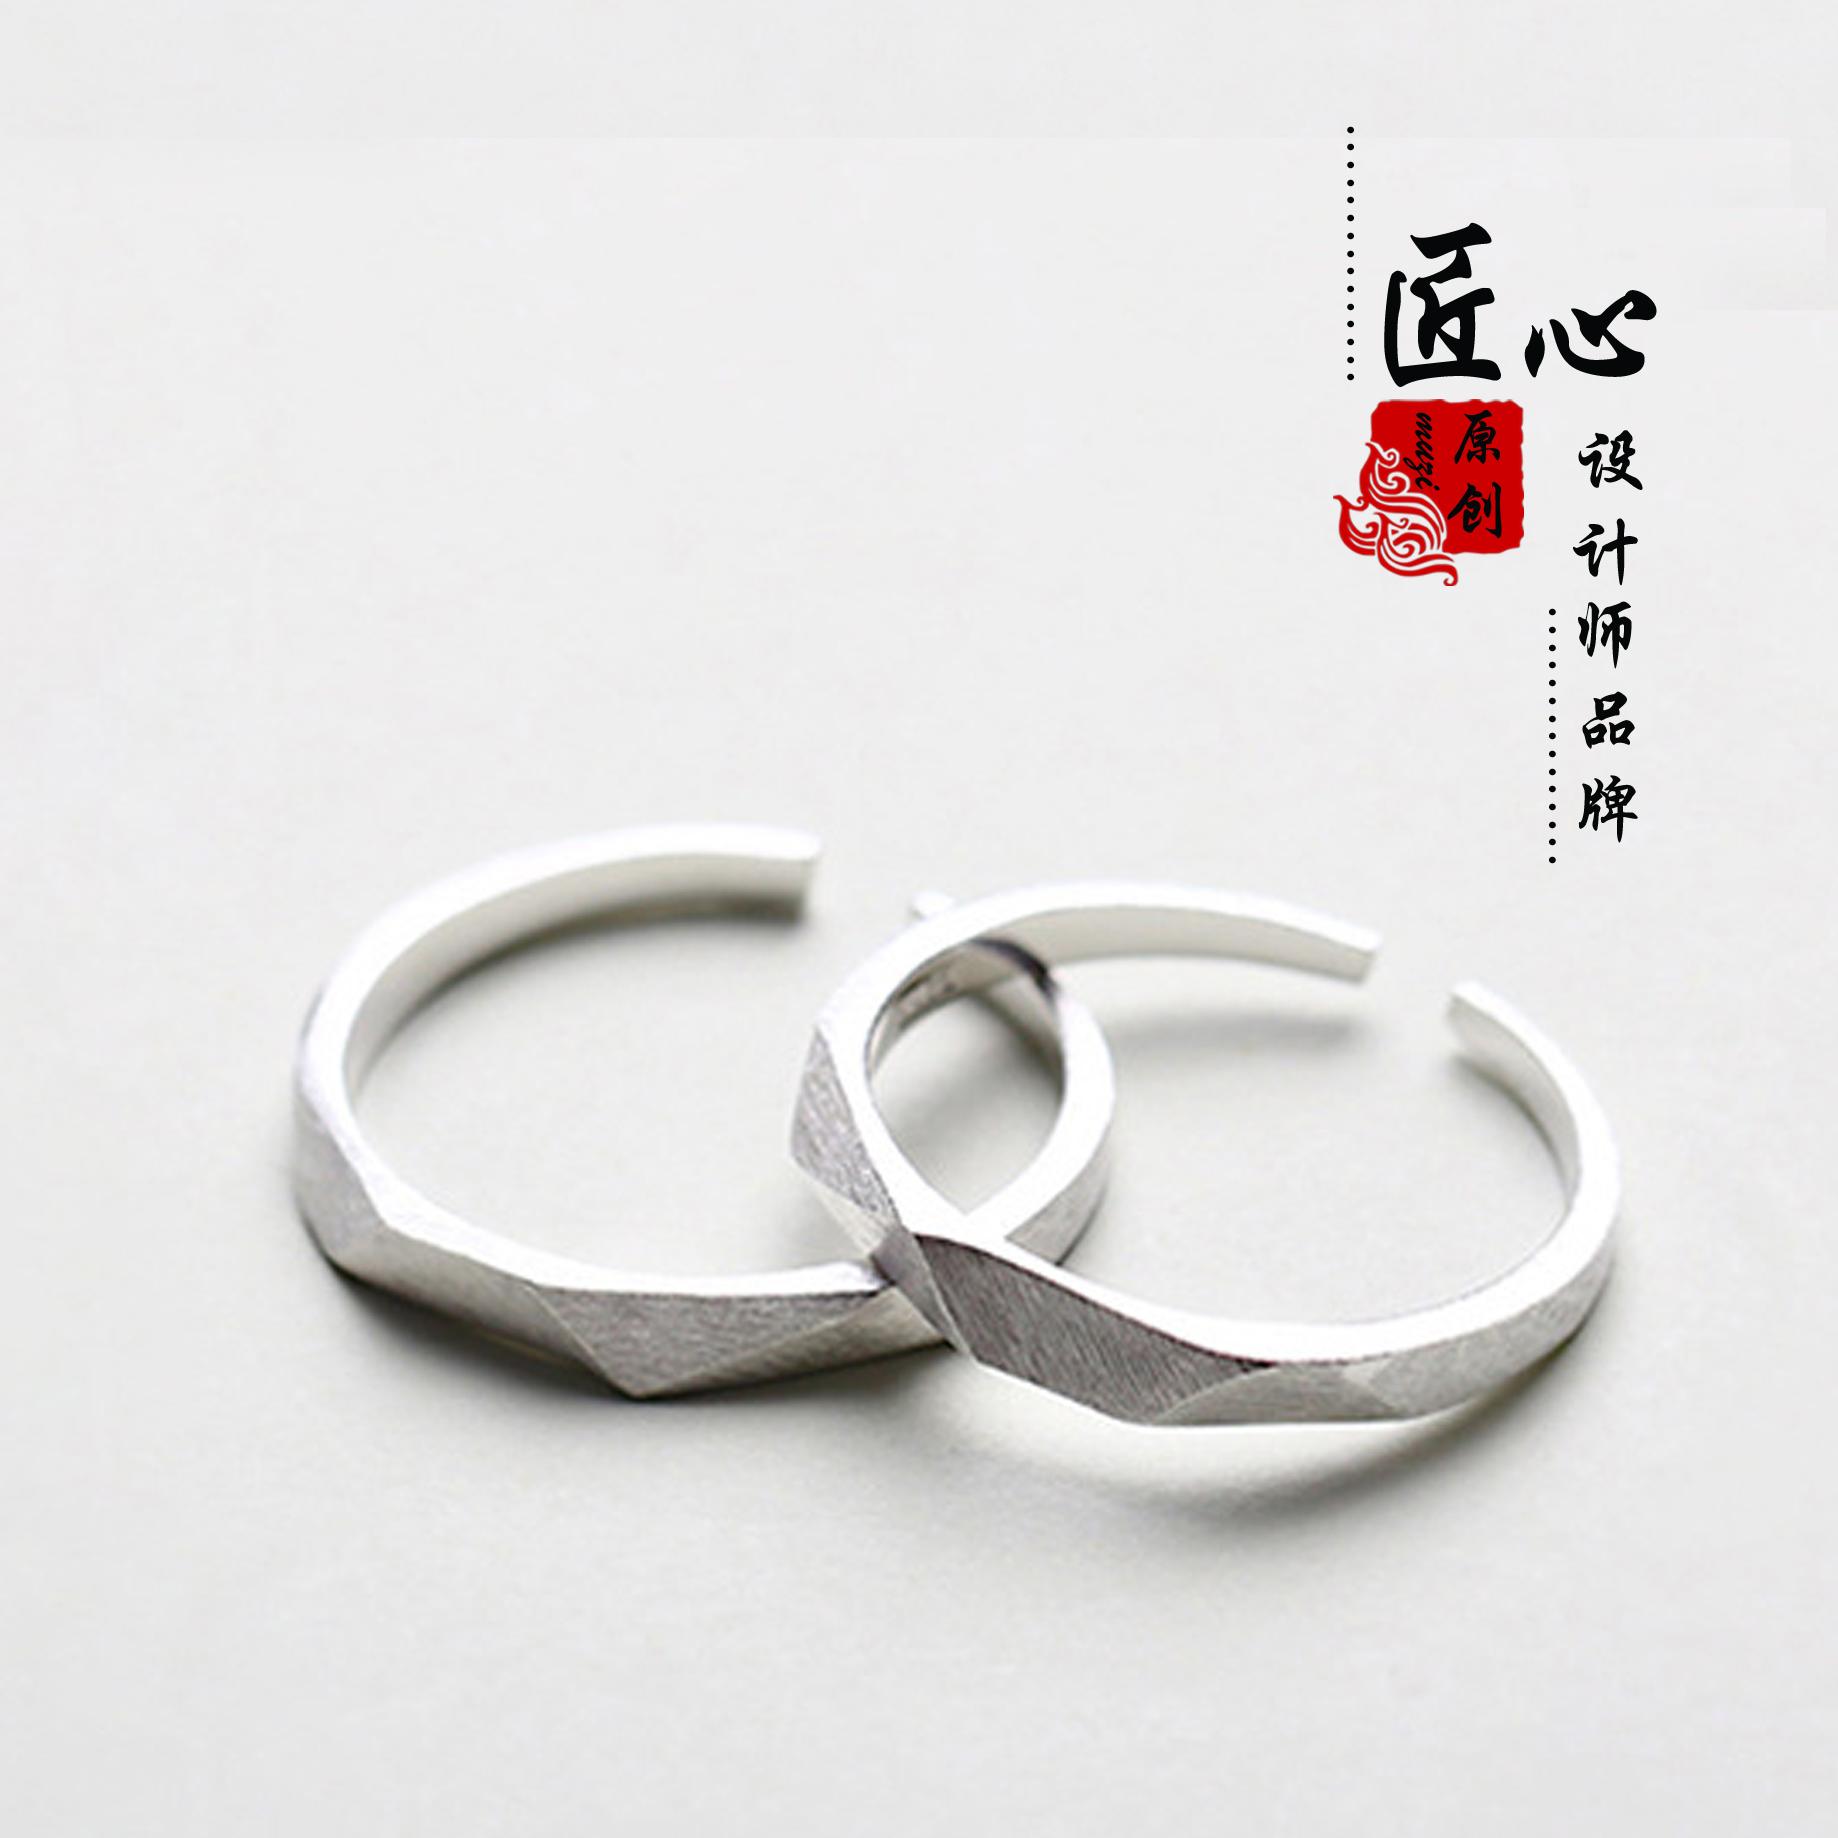 原创简约几何面拉丝菱形戒指开口情侣男女对戒指环情人节戒指